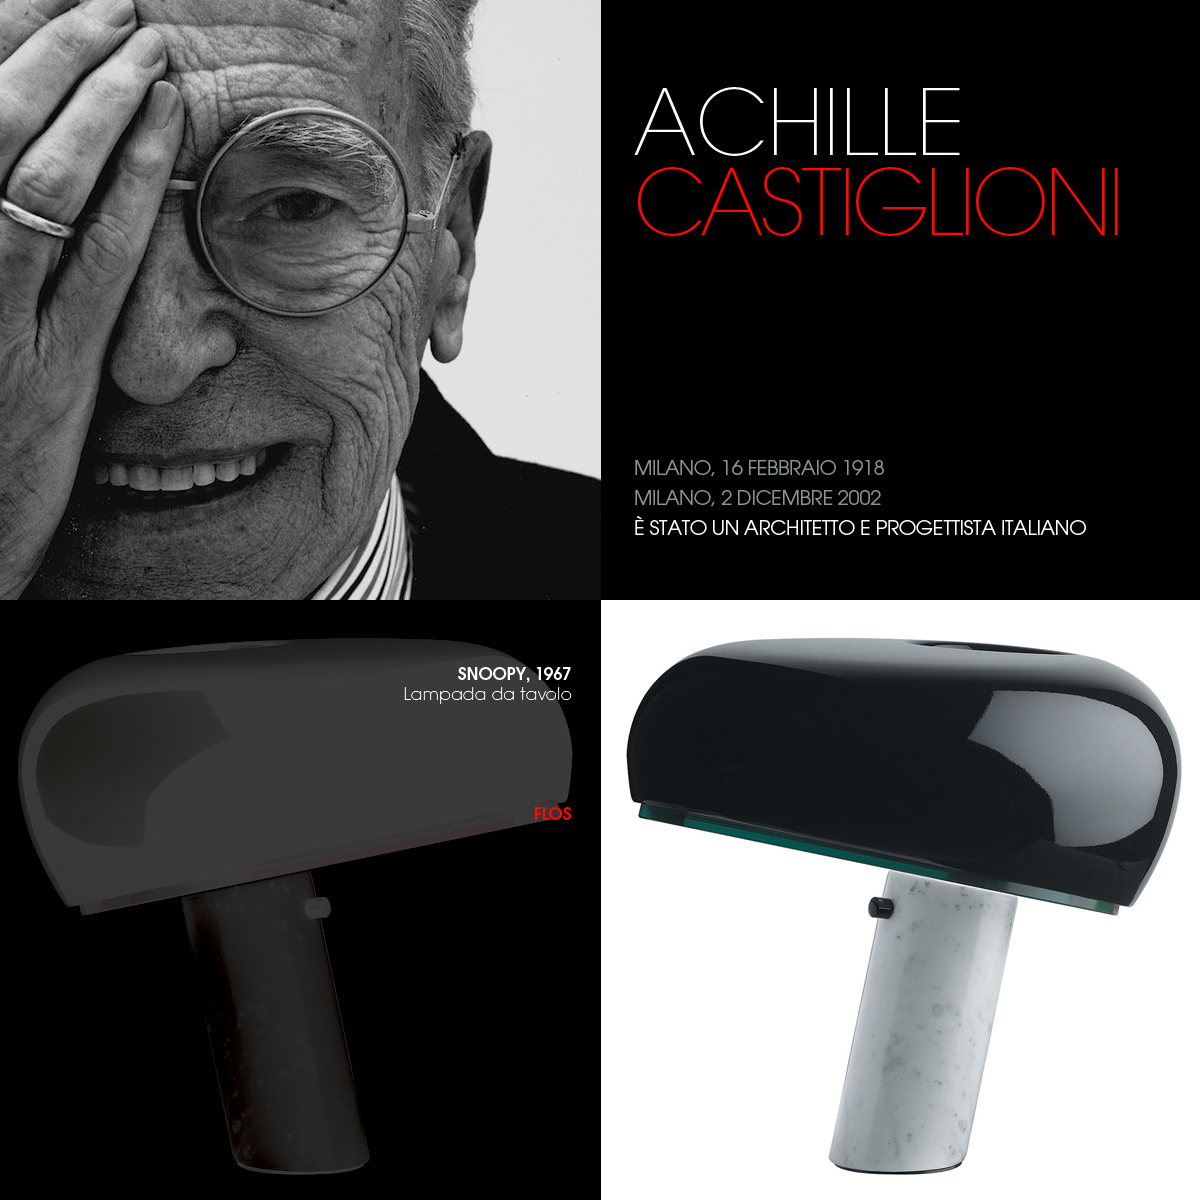 AchilleCastiglioni